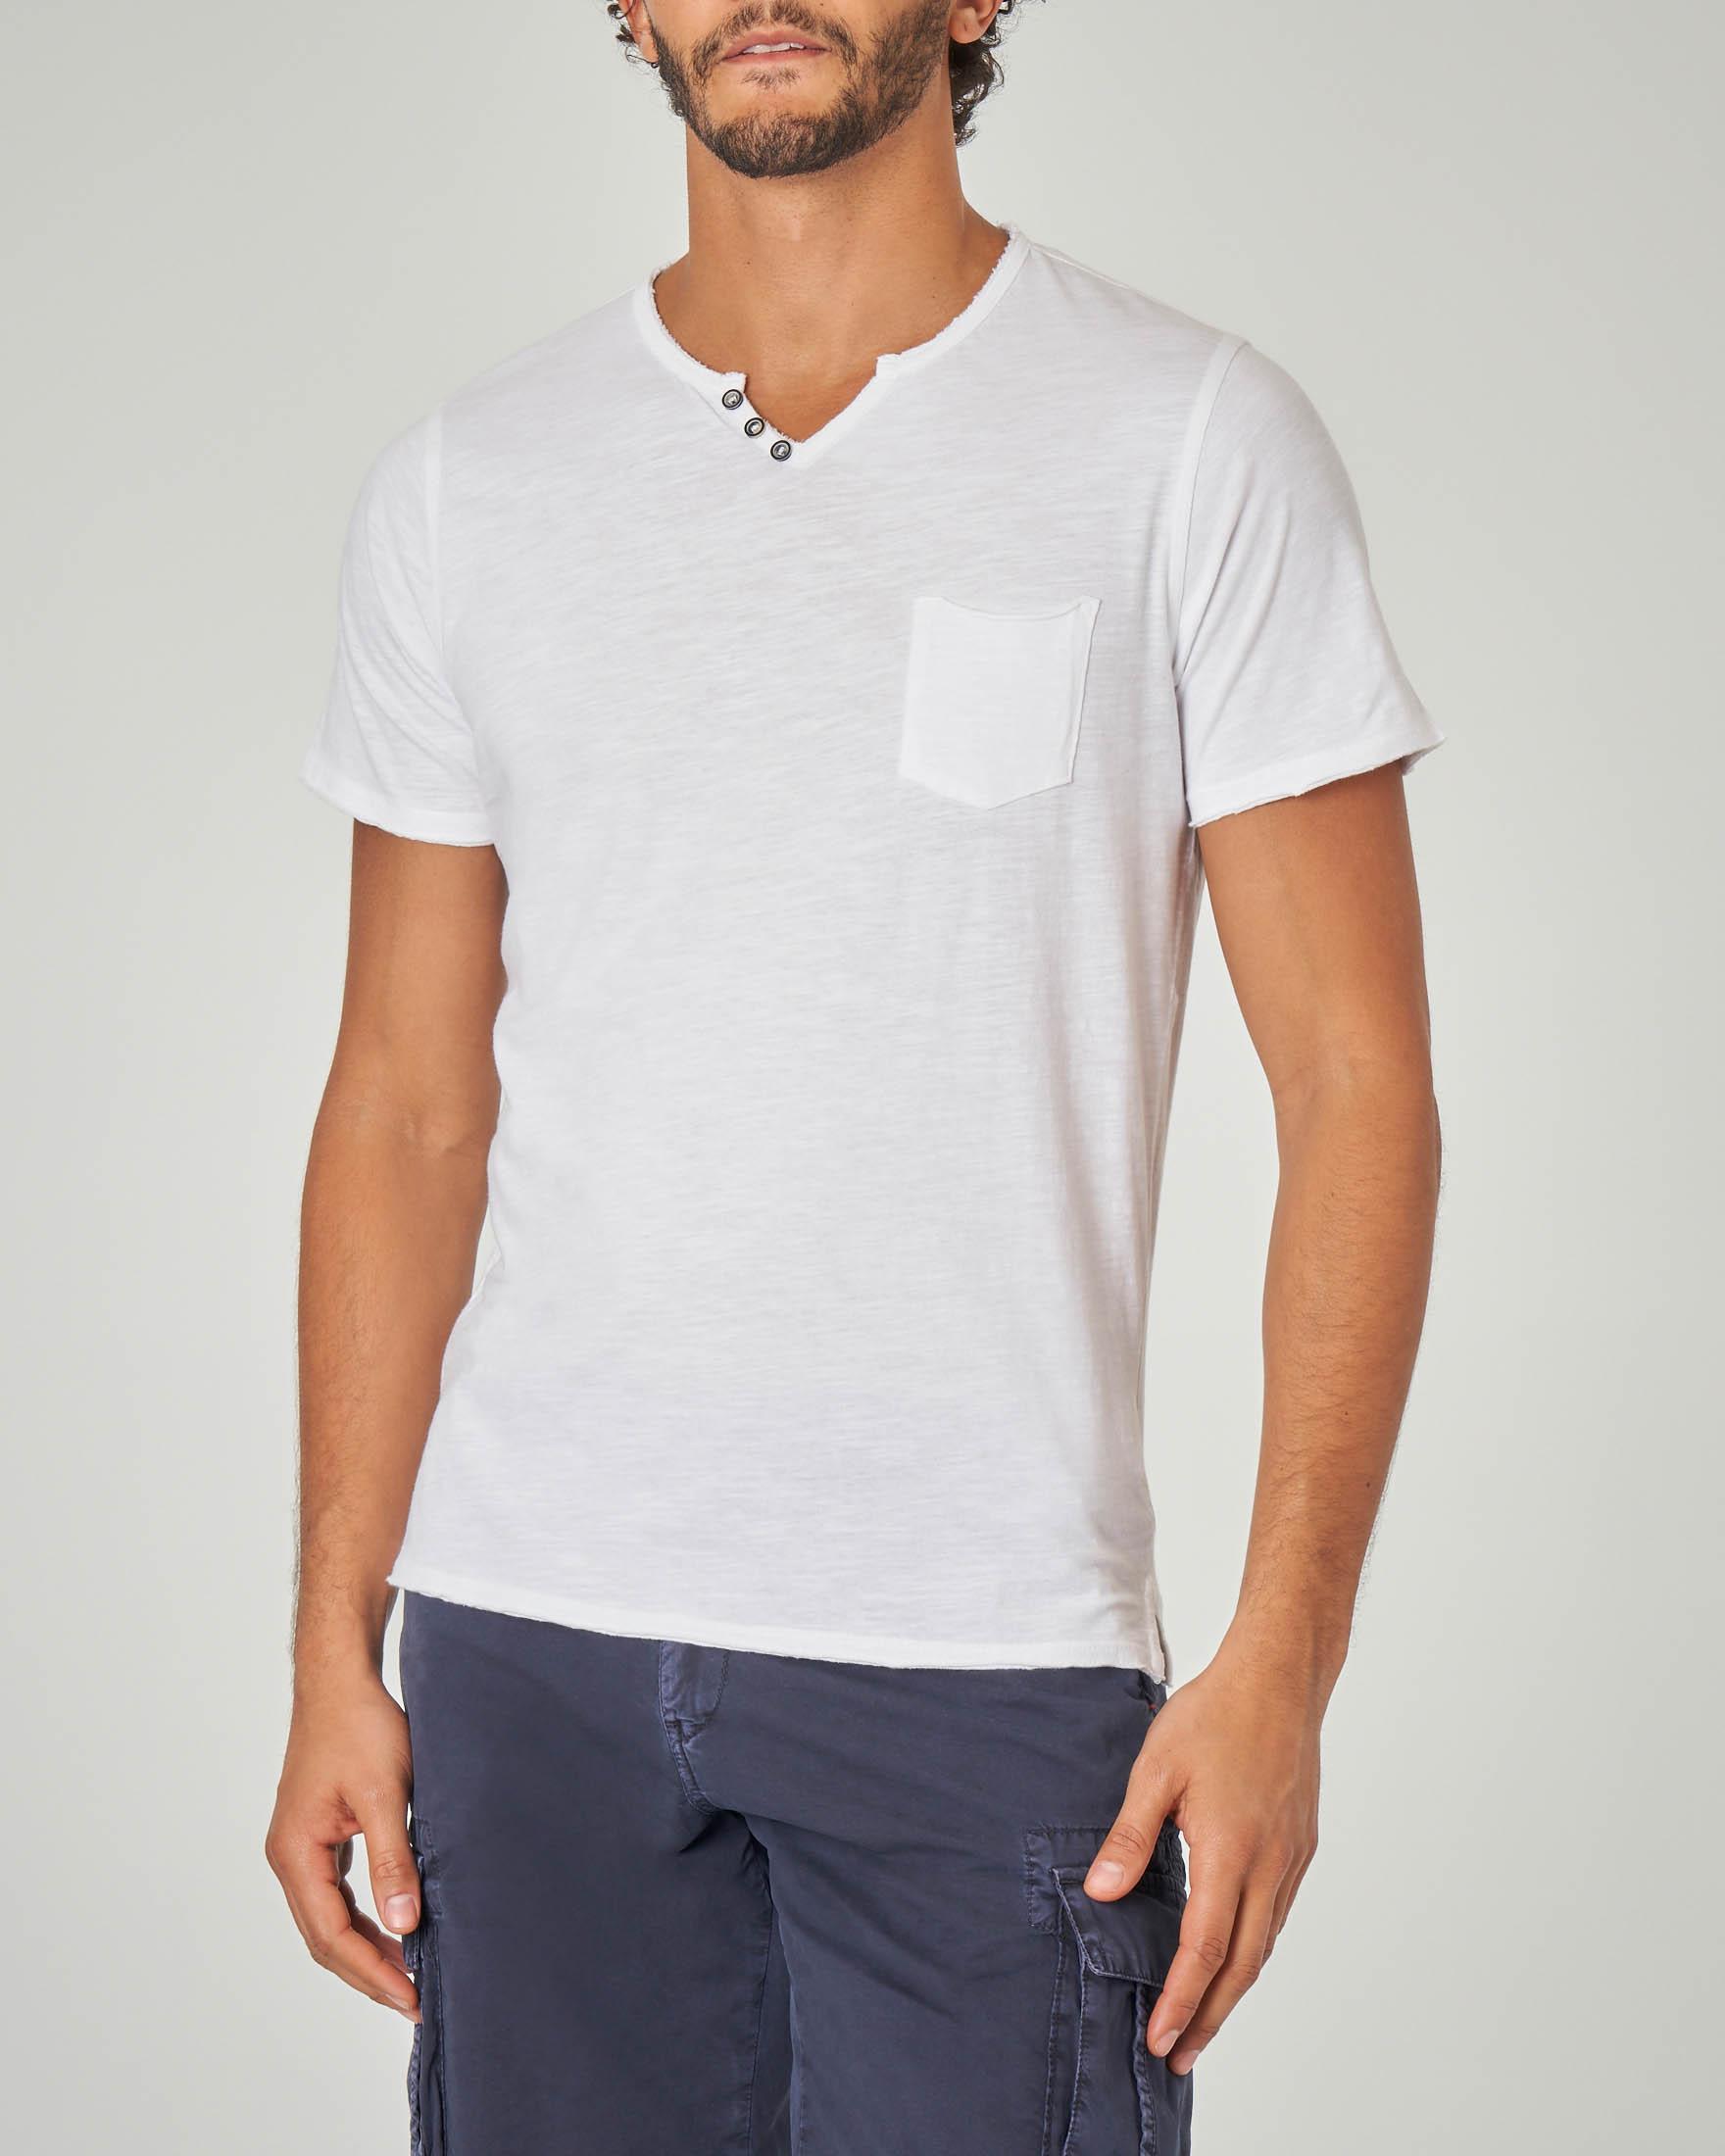 T-shirt bianca serafino con taschino